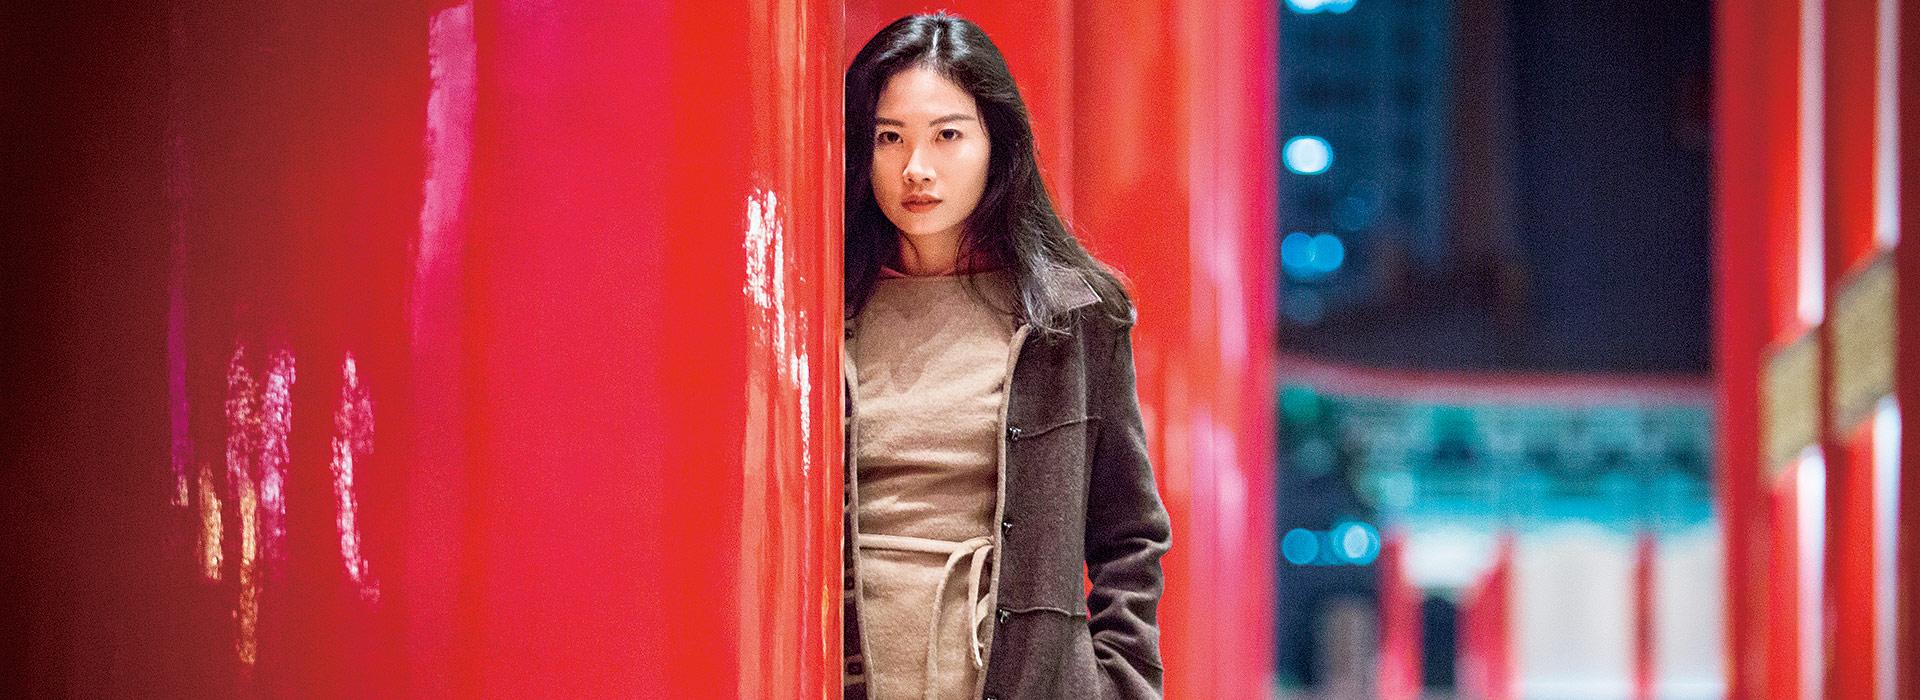 中國女作家:沒有比我們這代人更絕望